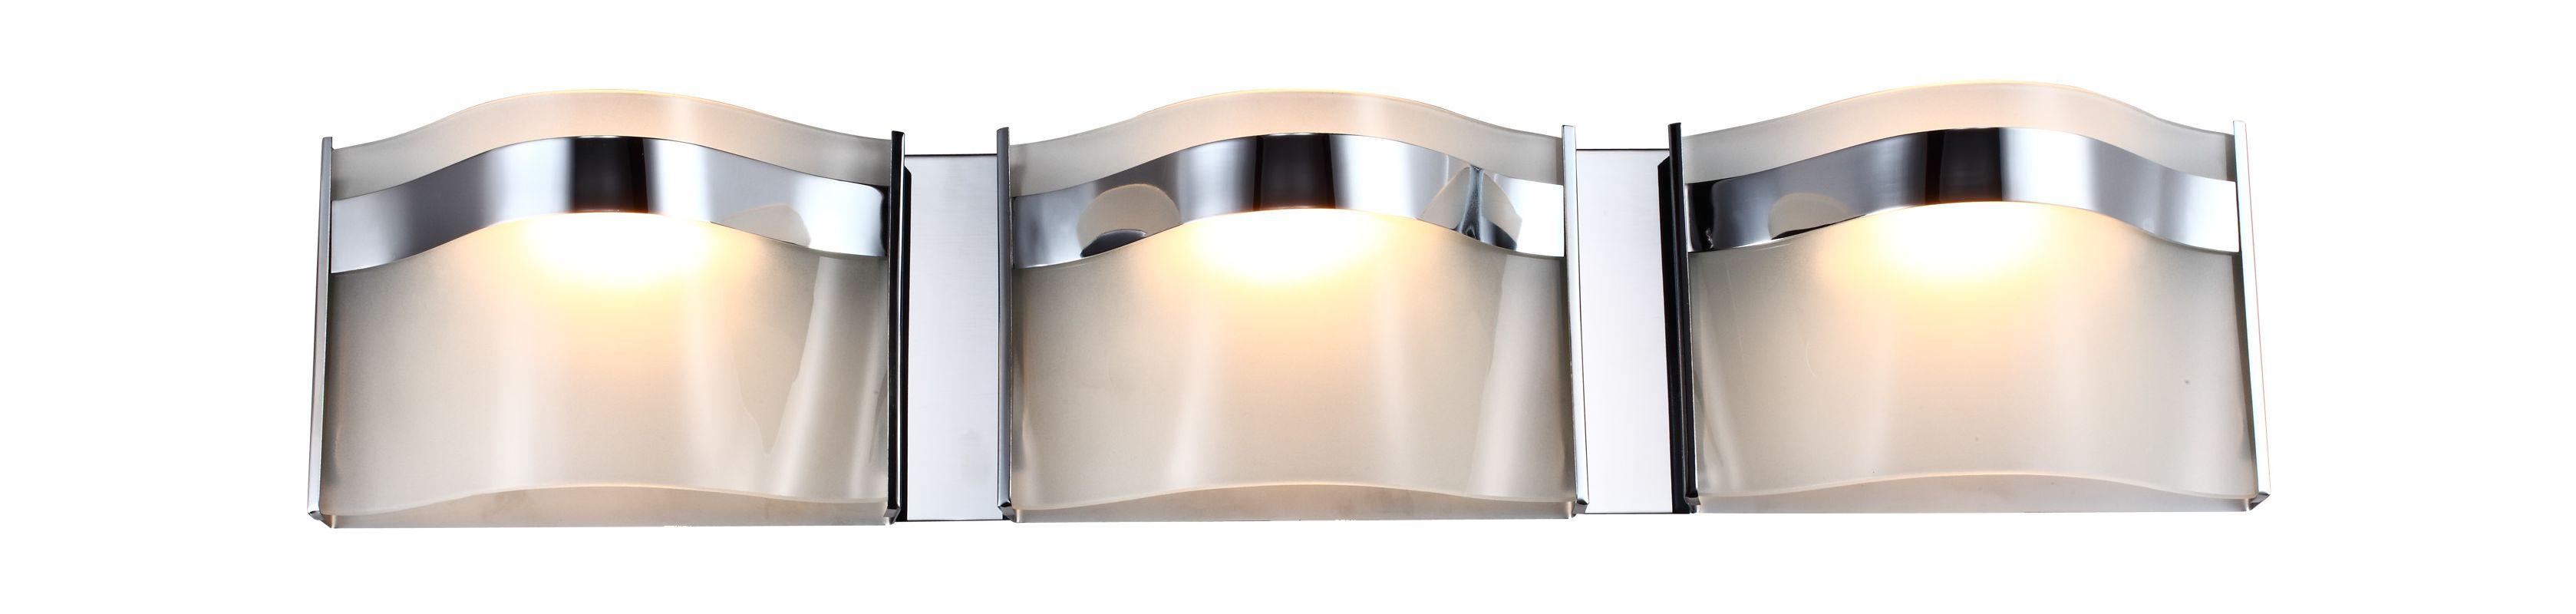 DVI Lighting DVP8943 Abyss 3 Light Bathroom Vanity Light Chrome with